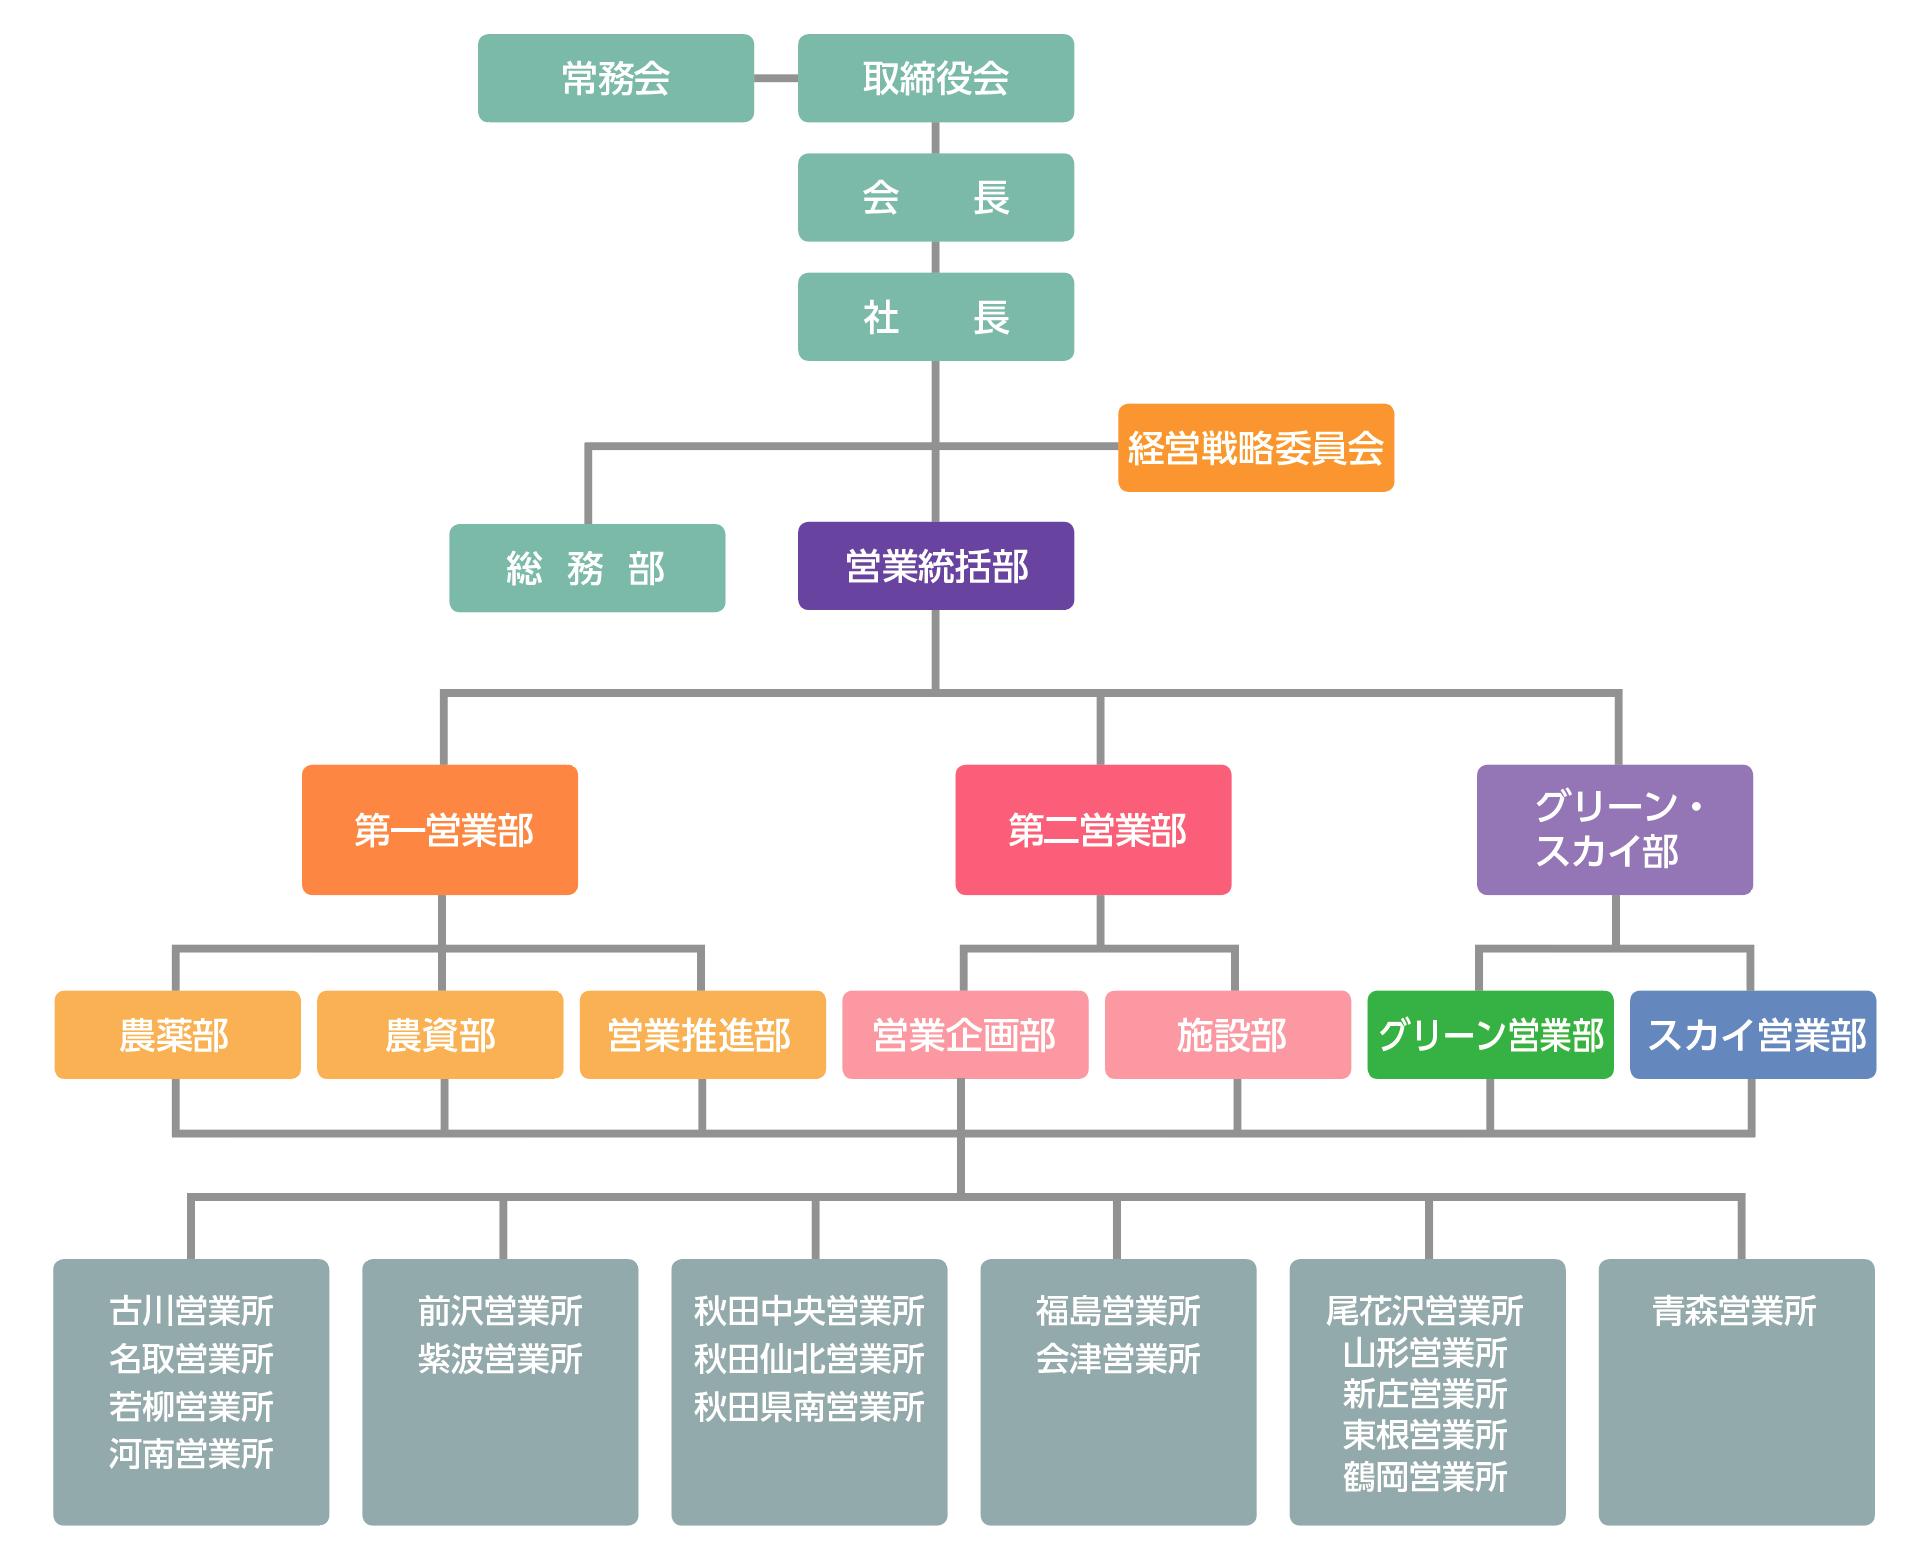 株式会社ケーエス組織図